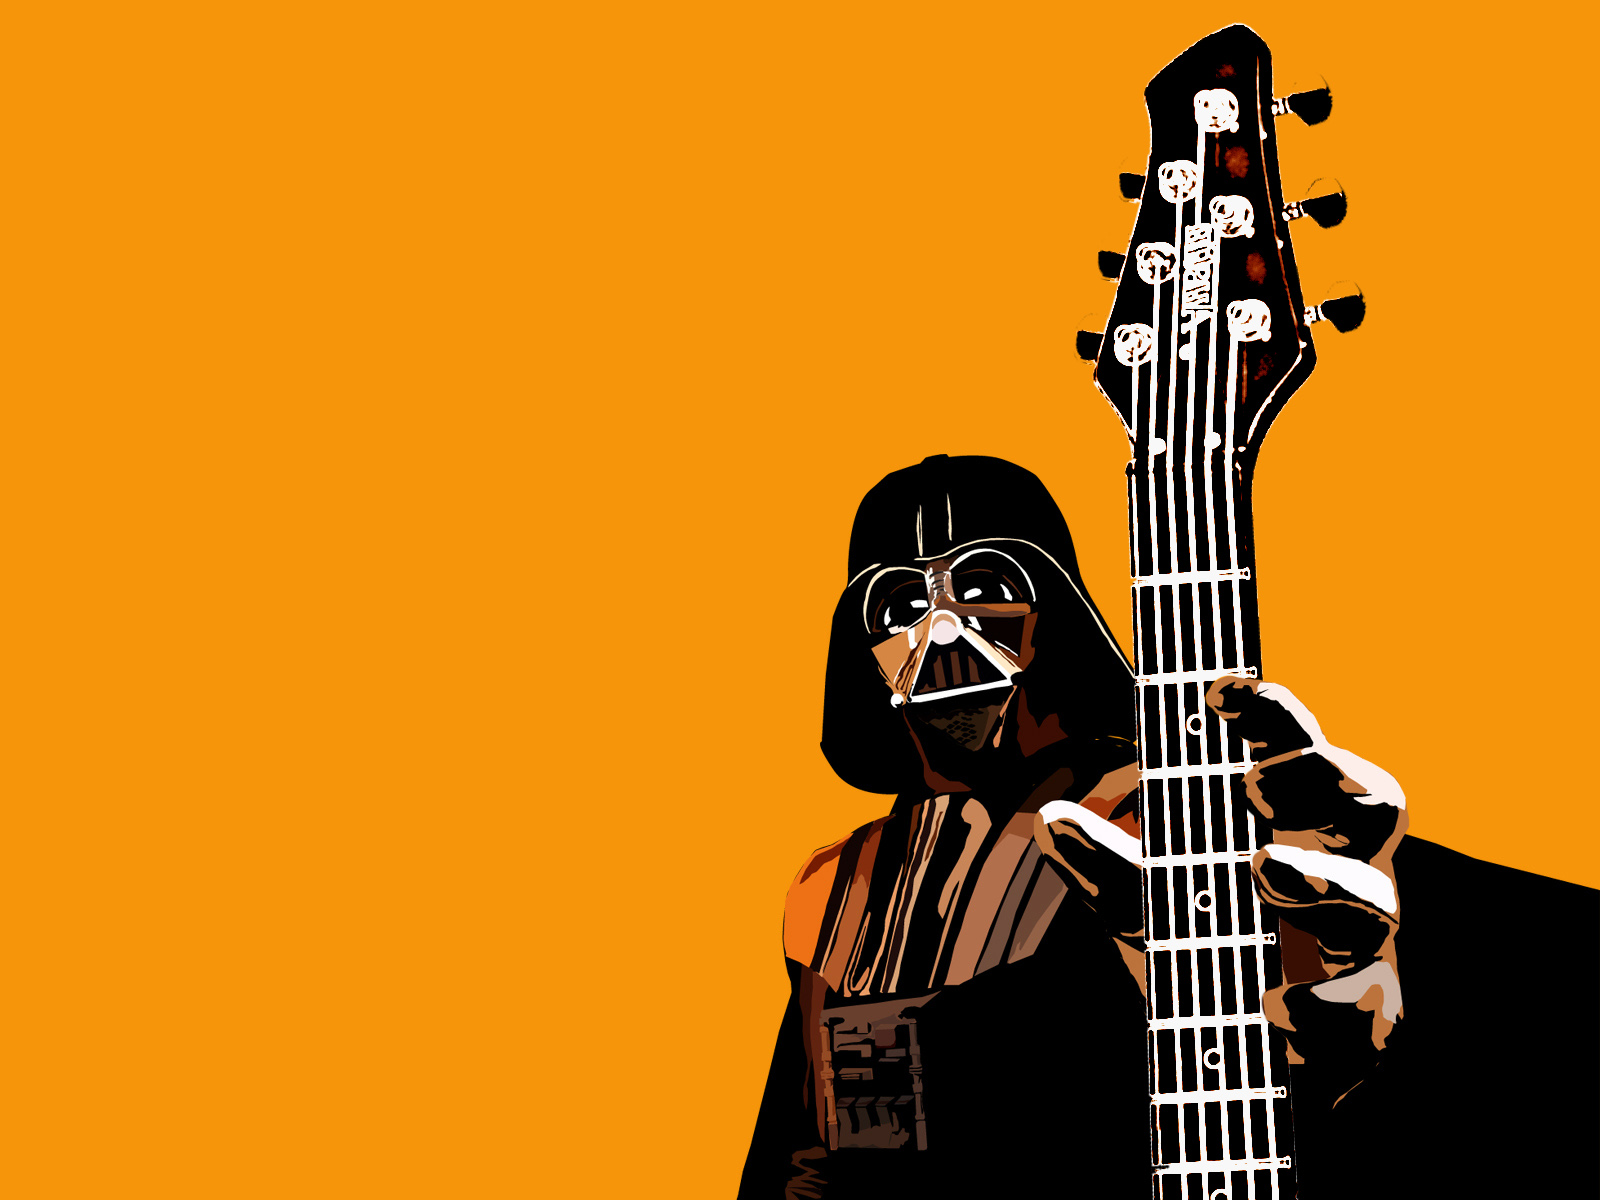 Darth Vader Wallpaper 1600x1200 Darth Vader Guitars 1600x1200